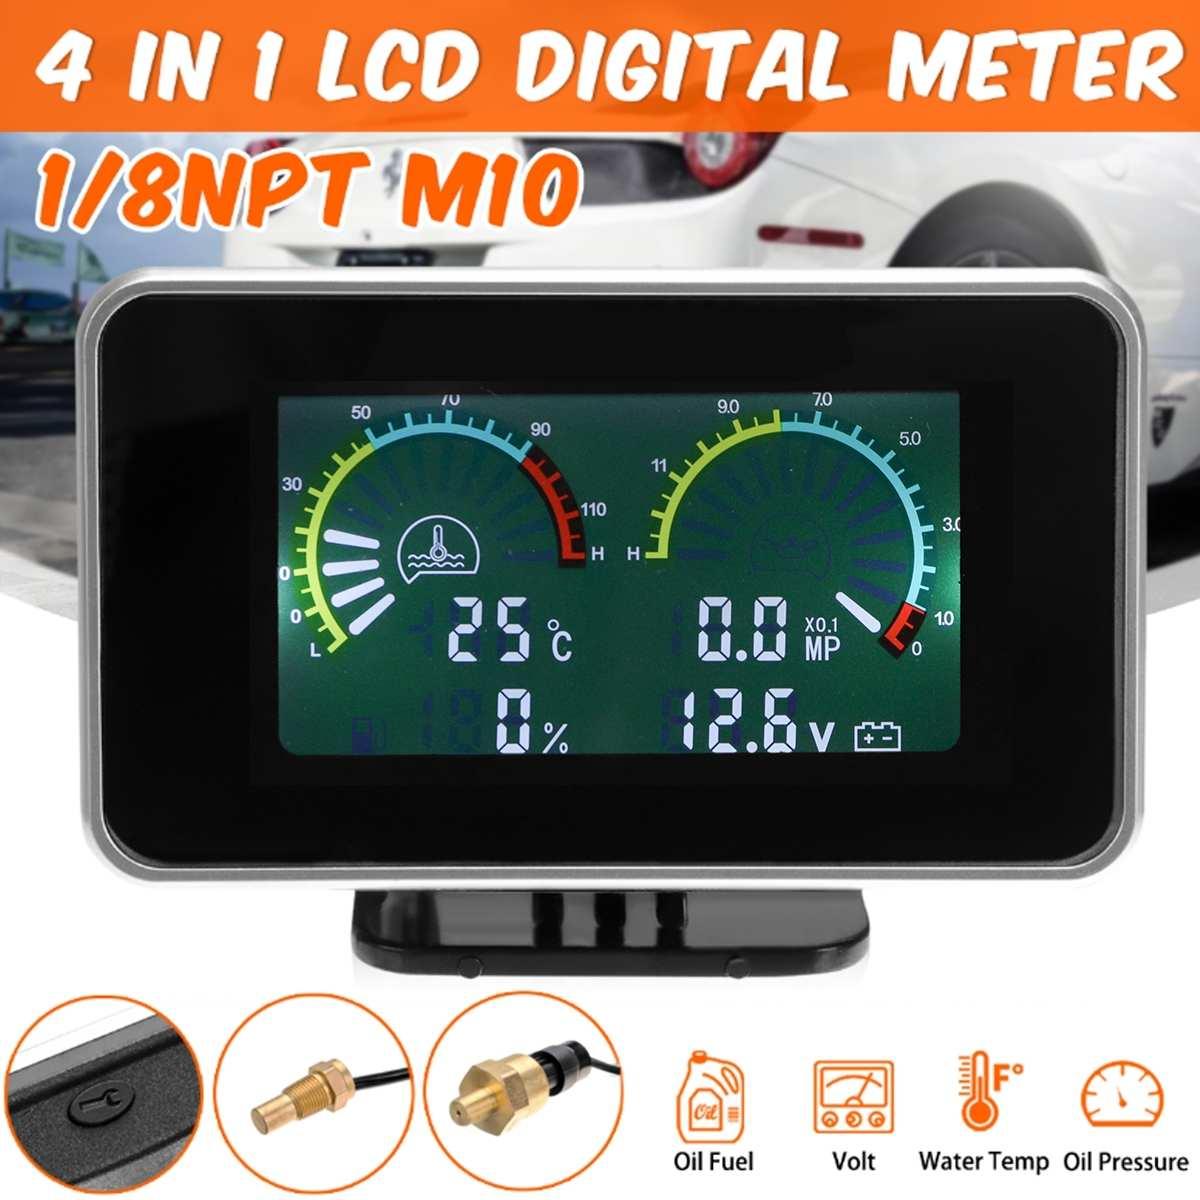 12V24V 4in1 LCD Medidor Digital de Carro Tensão de Óleo De Pressão De Combustível Medidor De Água Temp M10 Auto Peças de Reposição